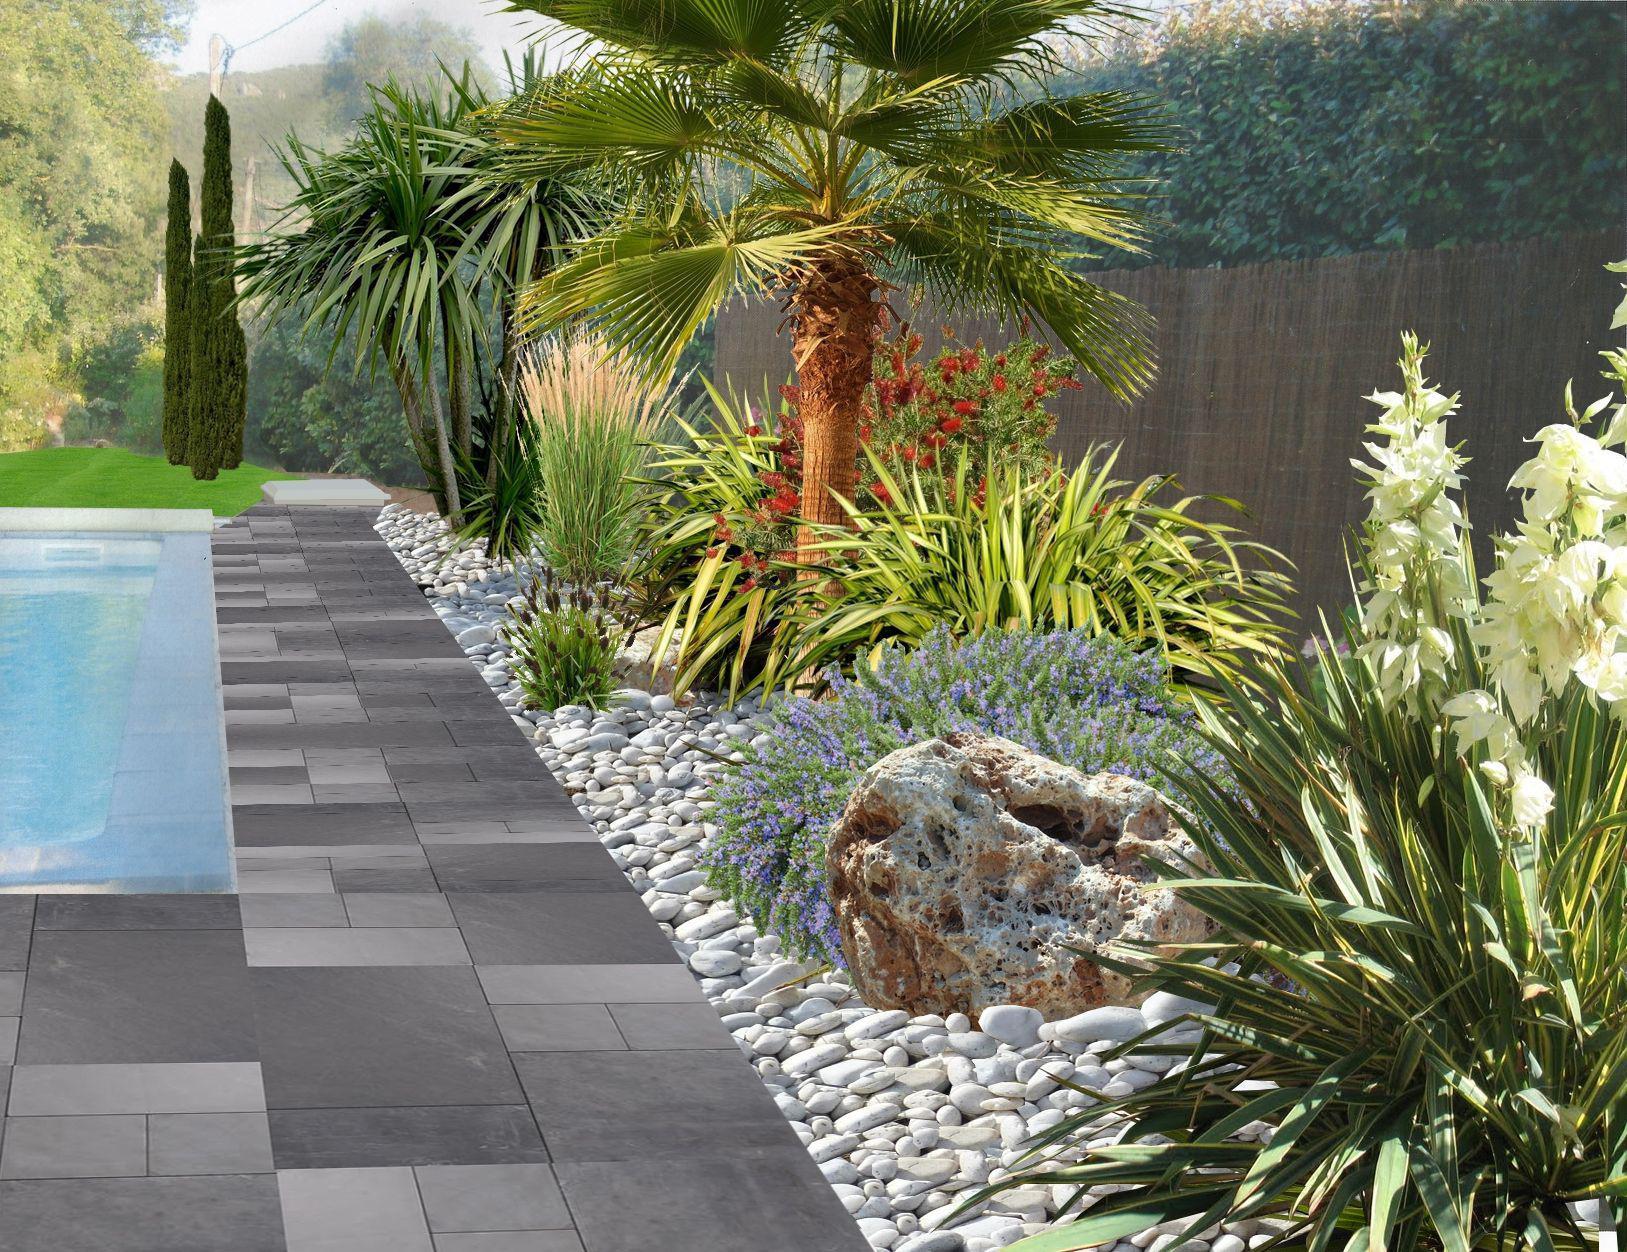 Idee De Plantation Pour Parterre faire un jardin autour d'une piscine, planter les abords d